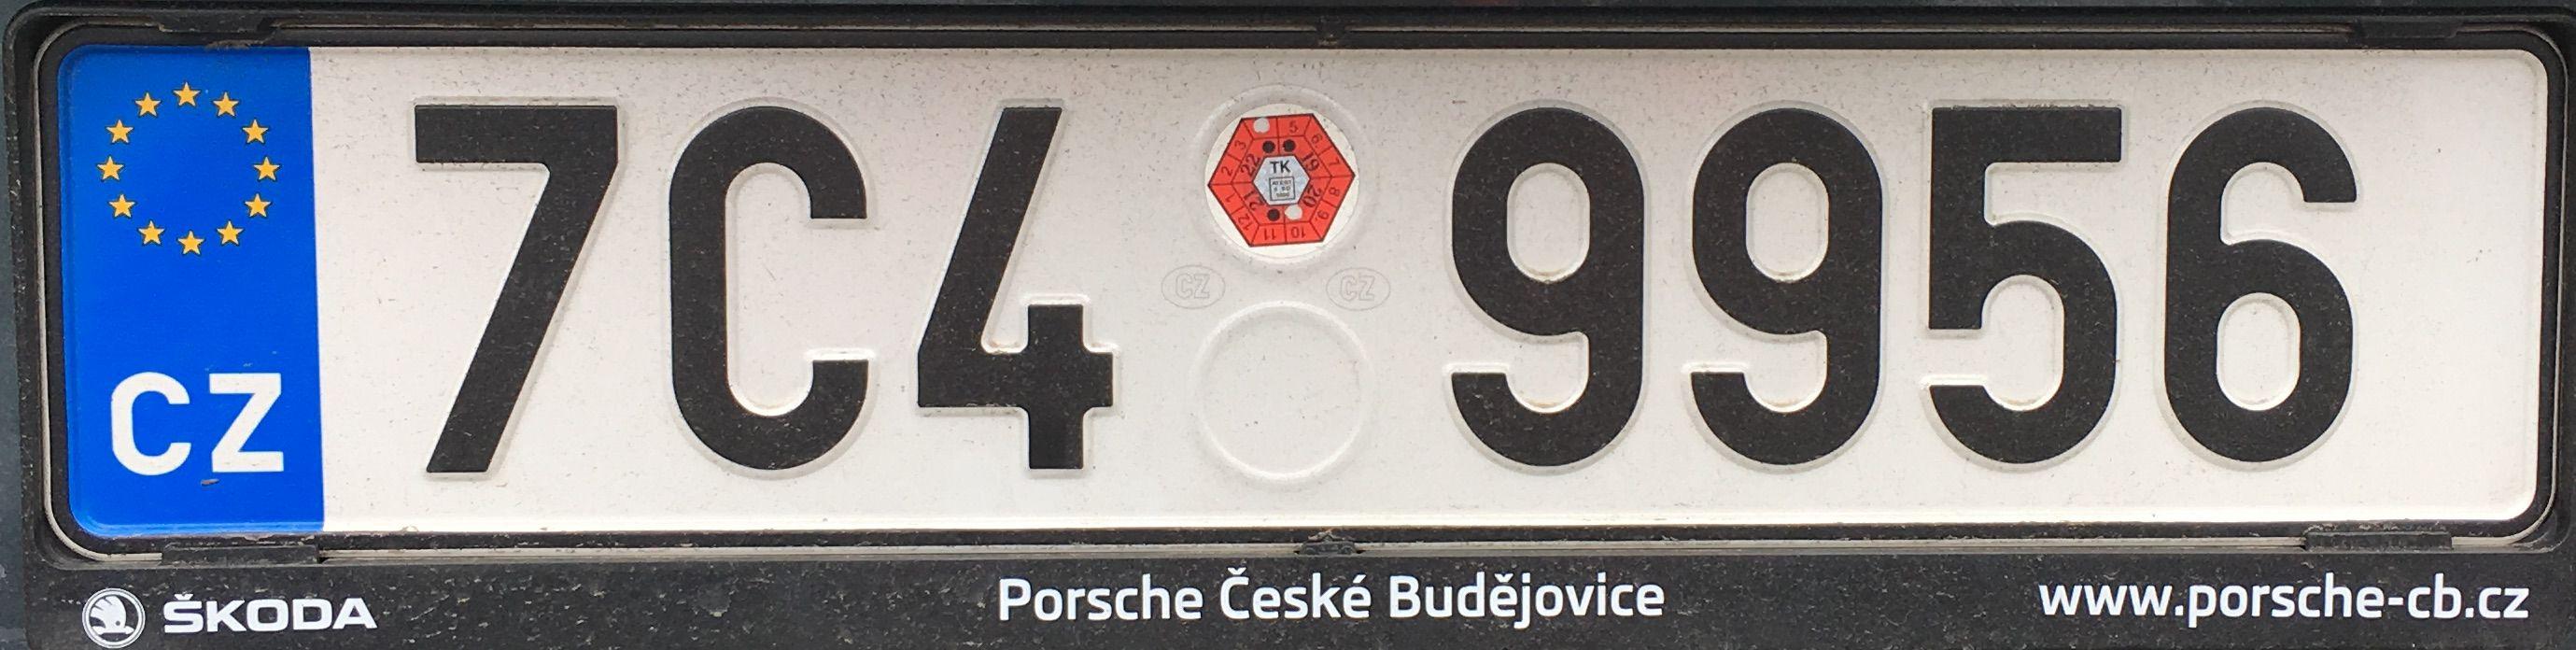 Registrační značky: C - Jihočeský kraj, foto: vlastní